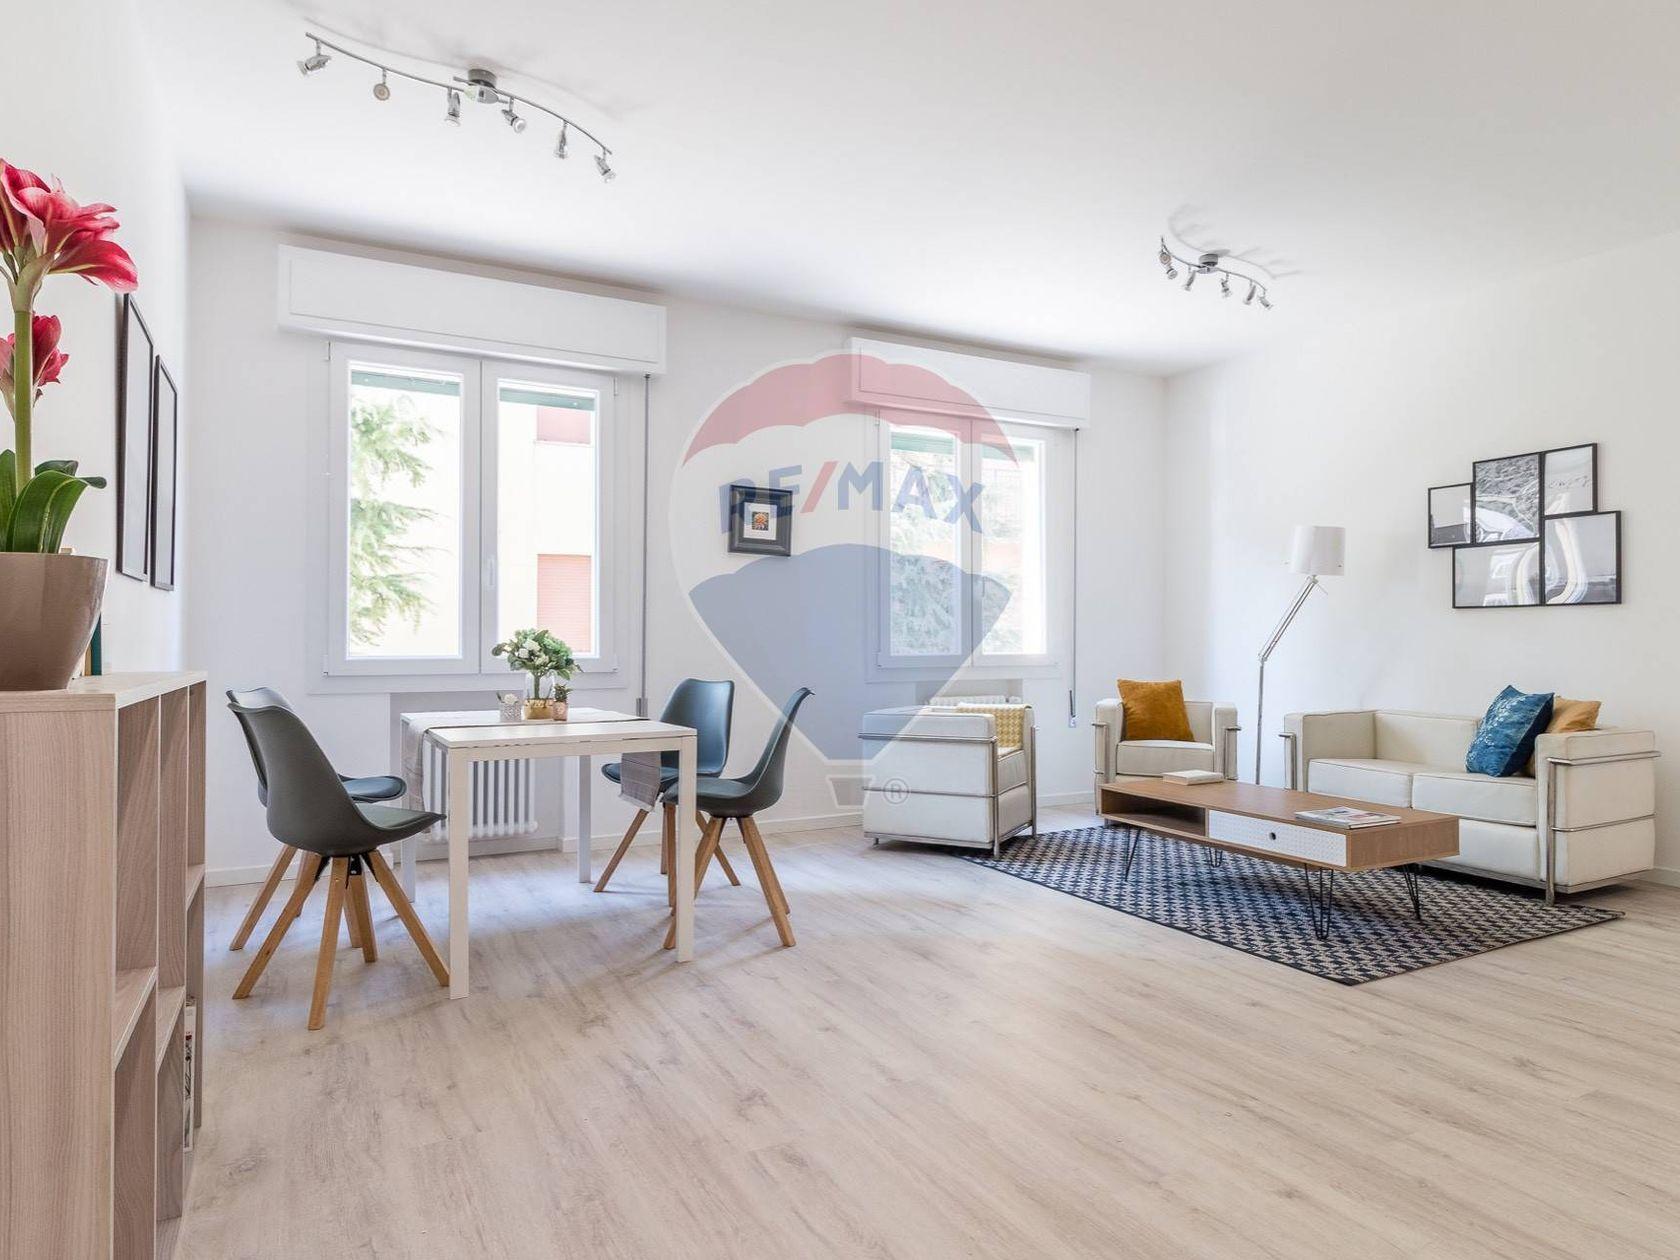 Rifacimento Bagno Completo Padova appartamento in vendita padova 20221053-1632 | re/max italia